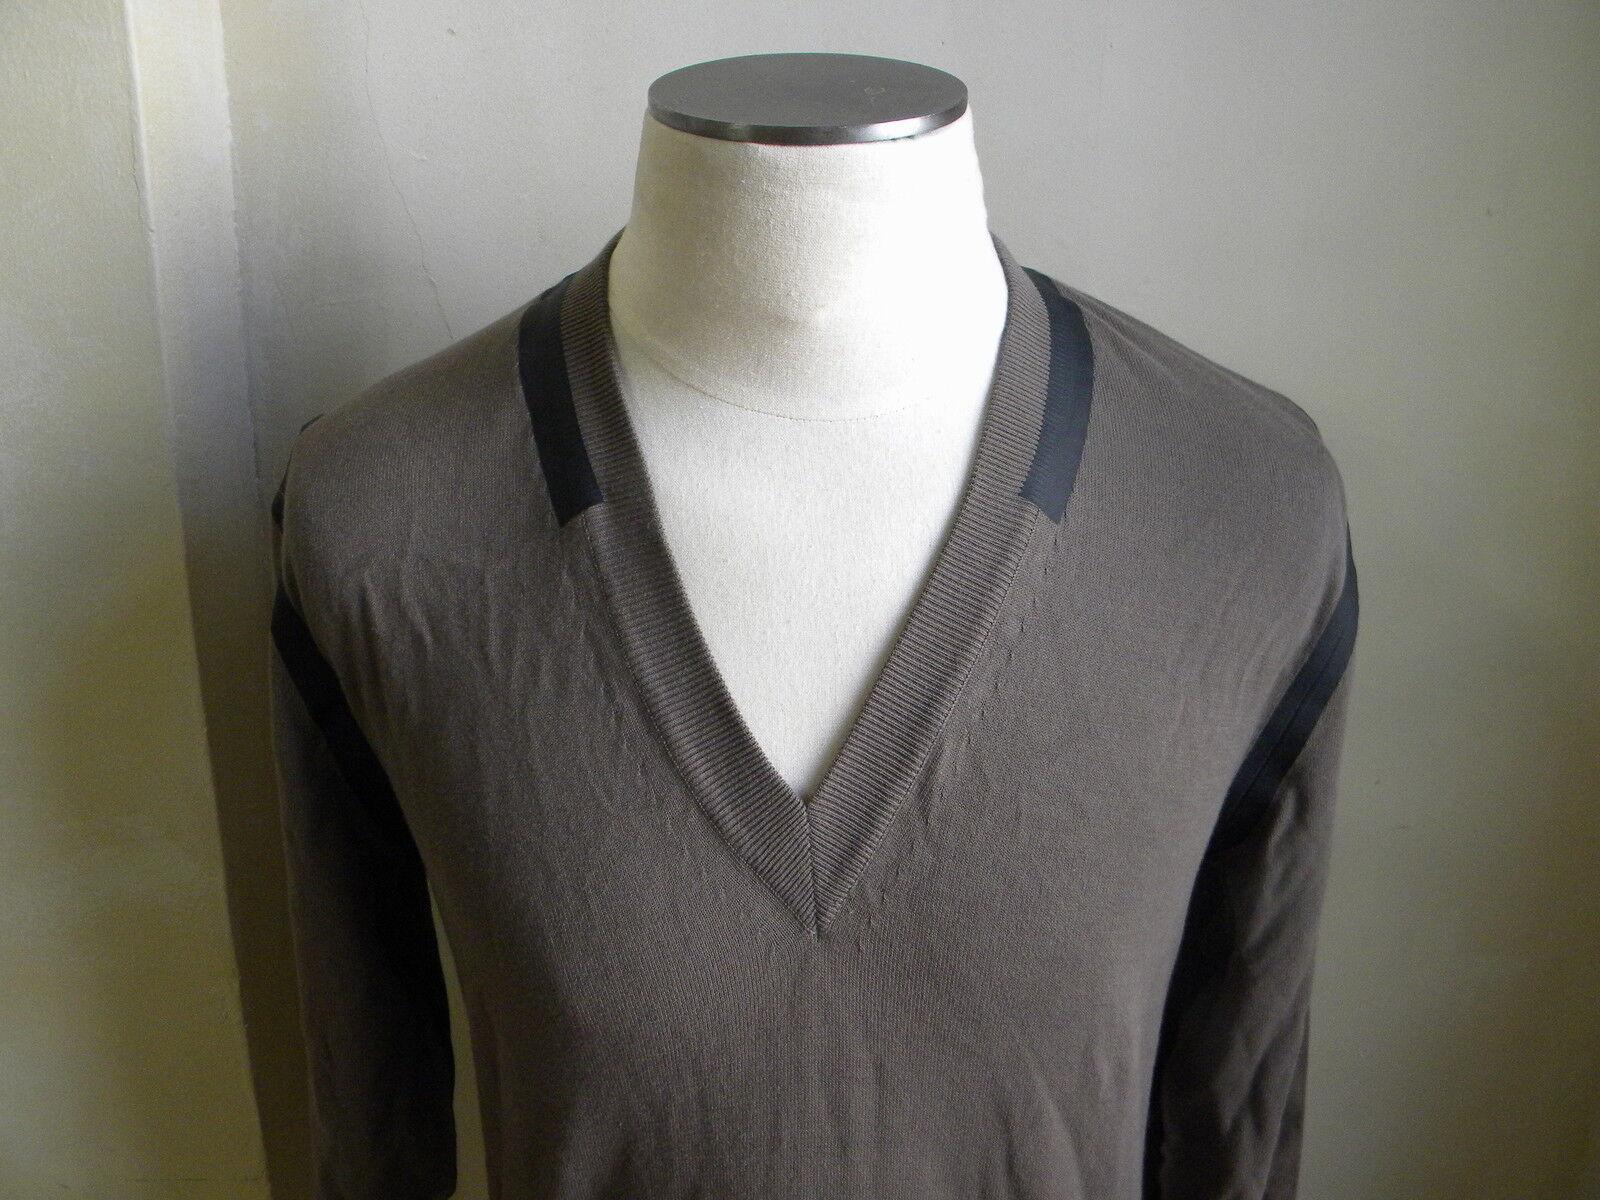 Dolce&gabbana Toll Sand V-Ausschnitt Pullover mit Schwarz PVC Linie Trimm 50 M